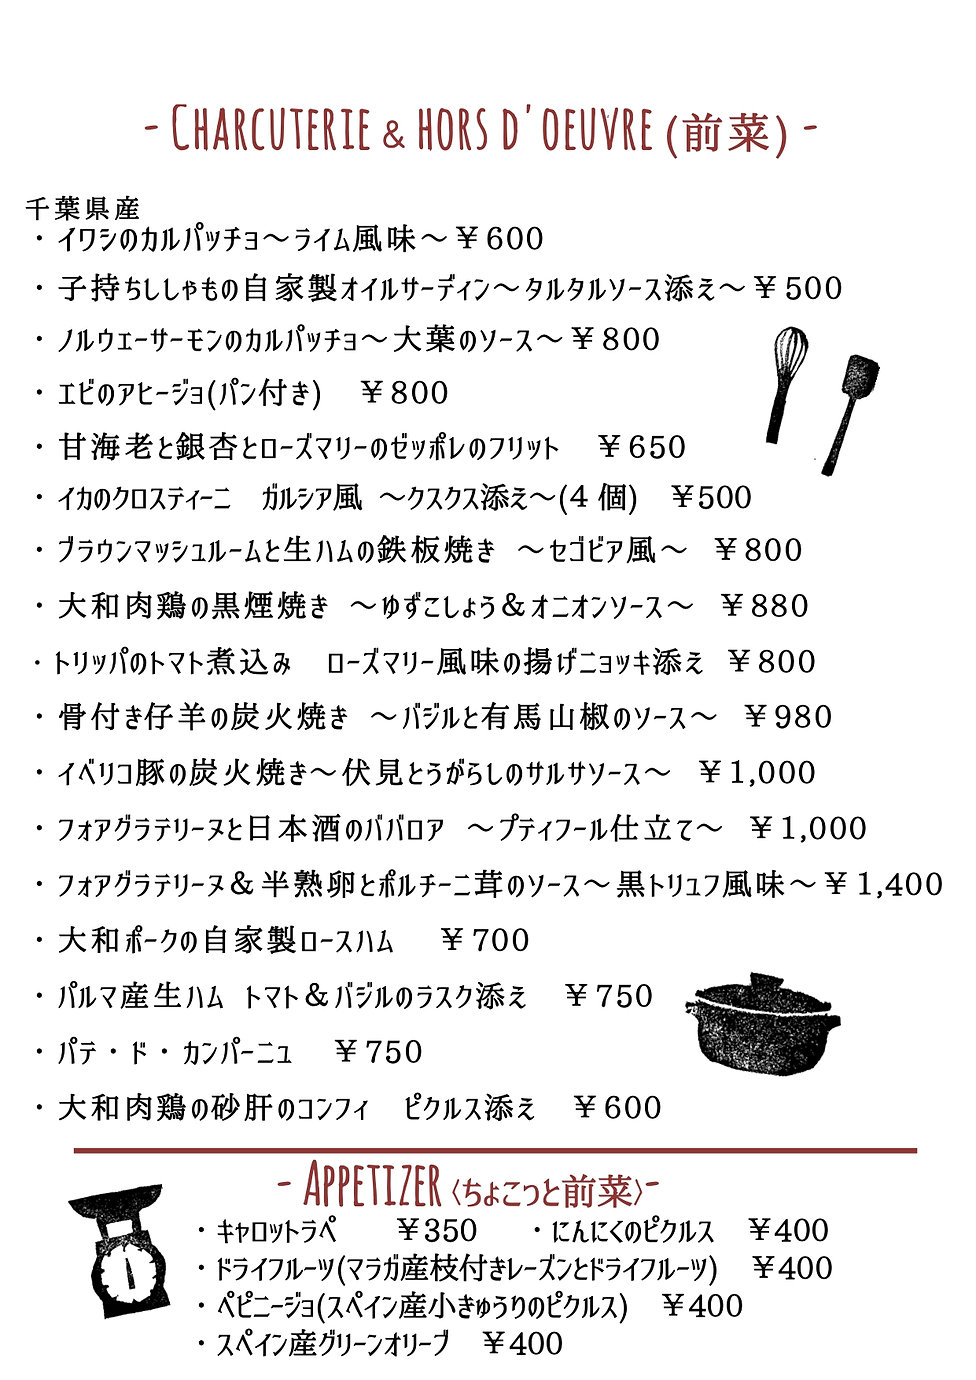 ディナーメニュー2 城山台9.22- HP用_page-0001.jpg